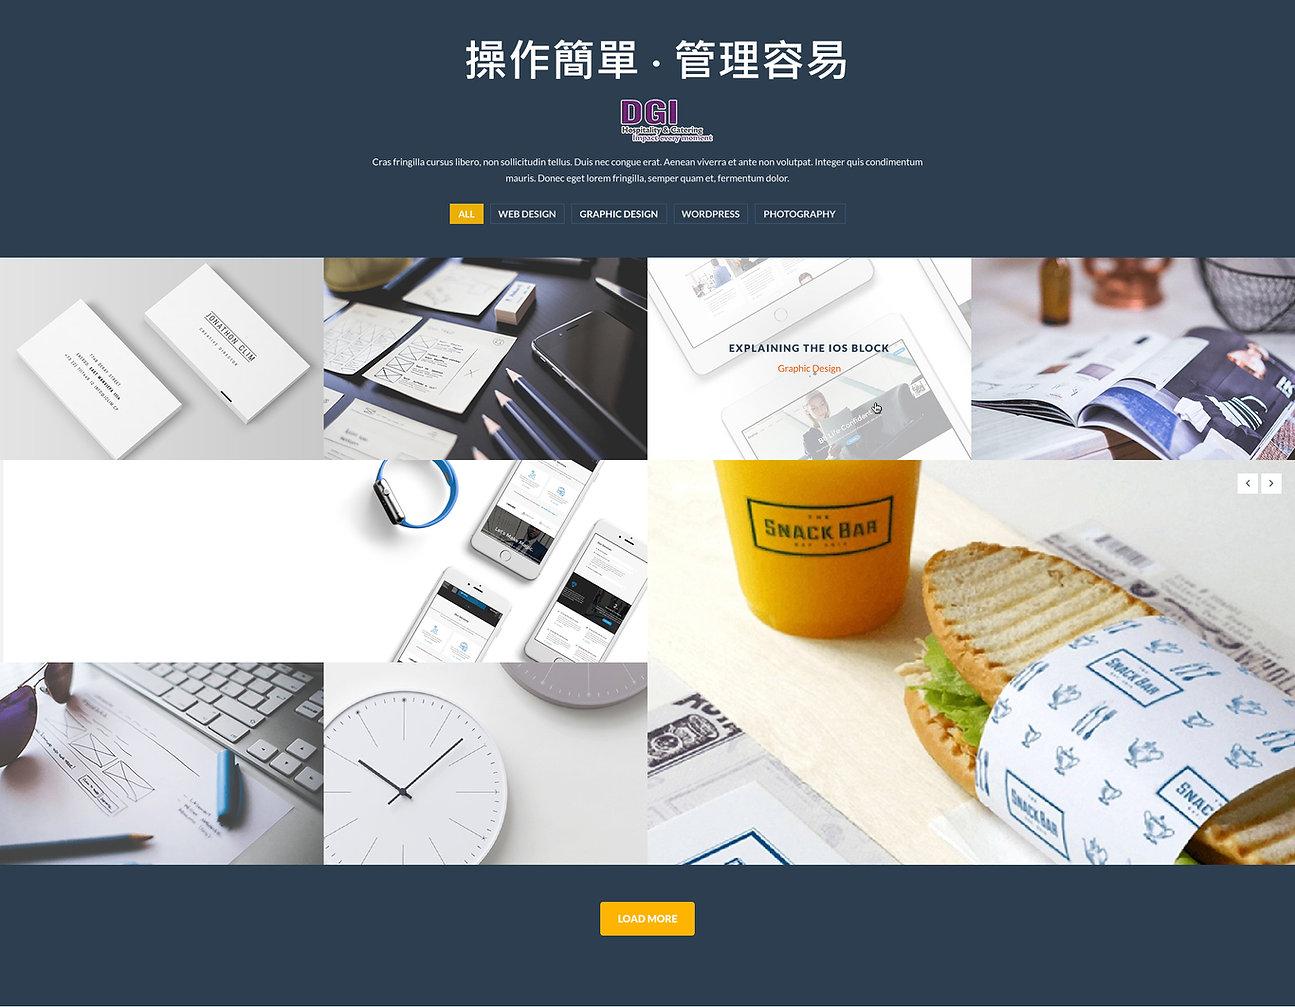 website_banner1.jpg